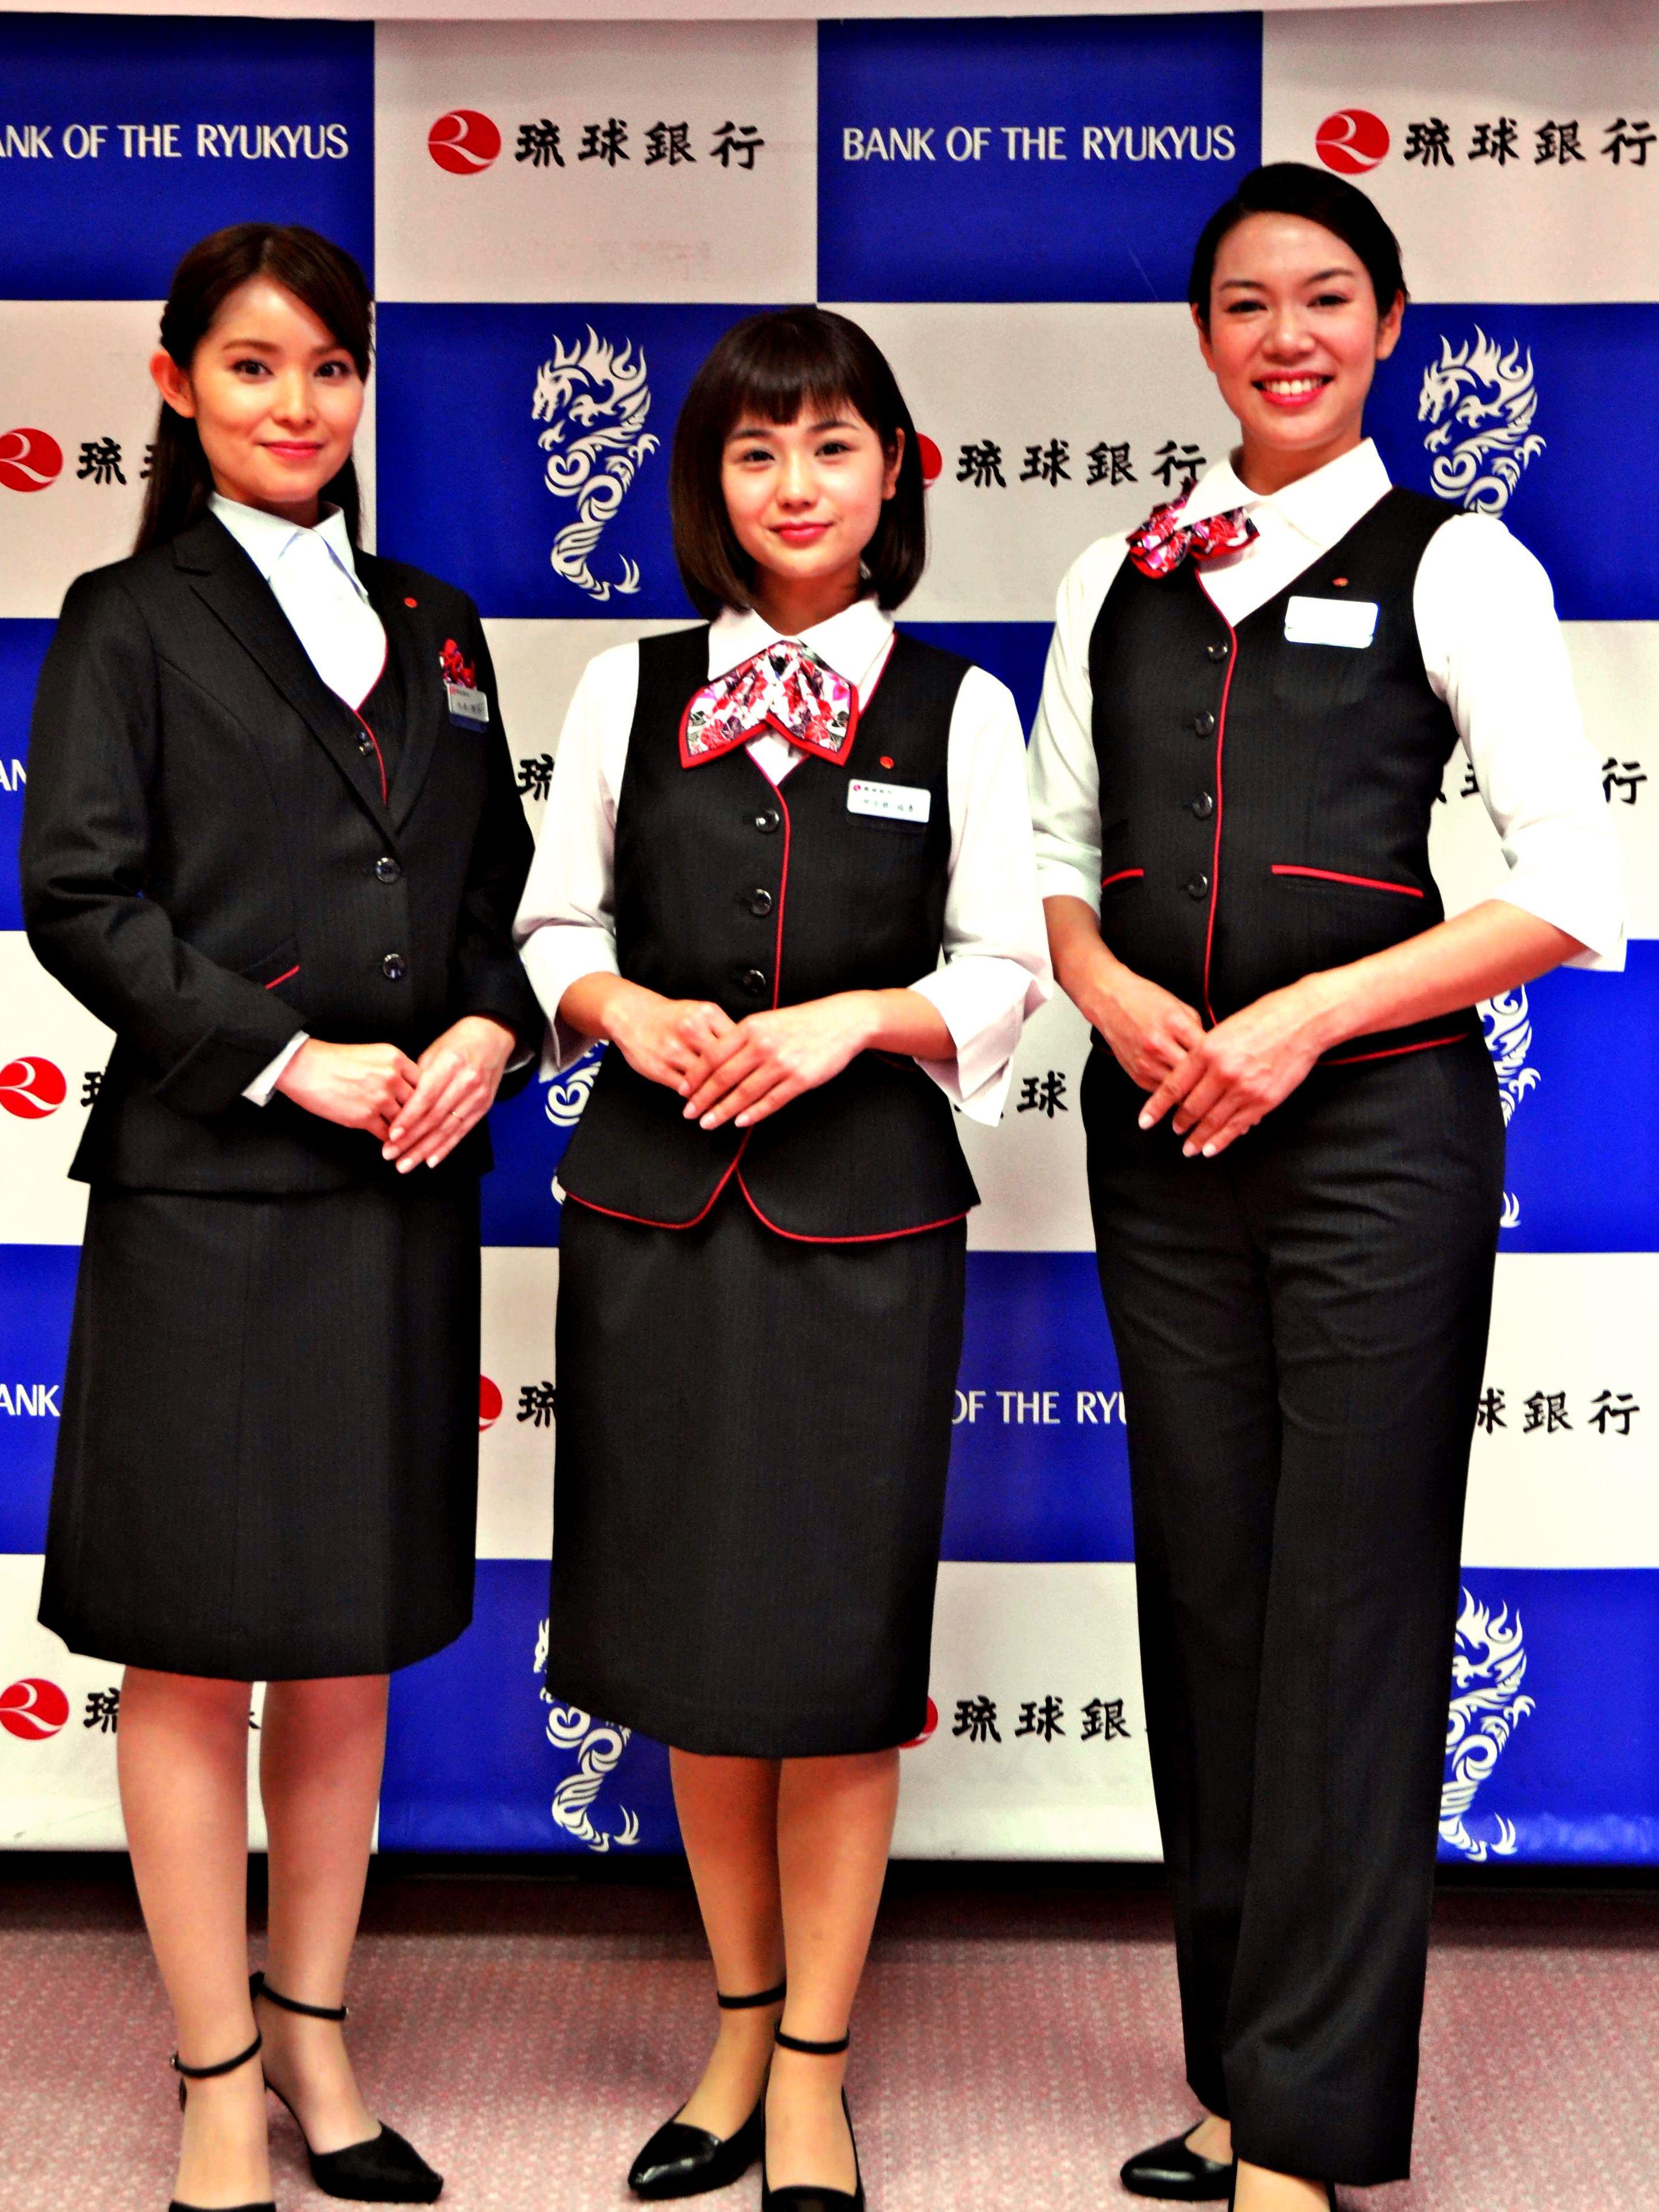 日本人って無宗教だと思われてるけど本当は超宗教国家だと思う